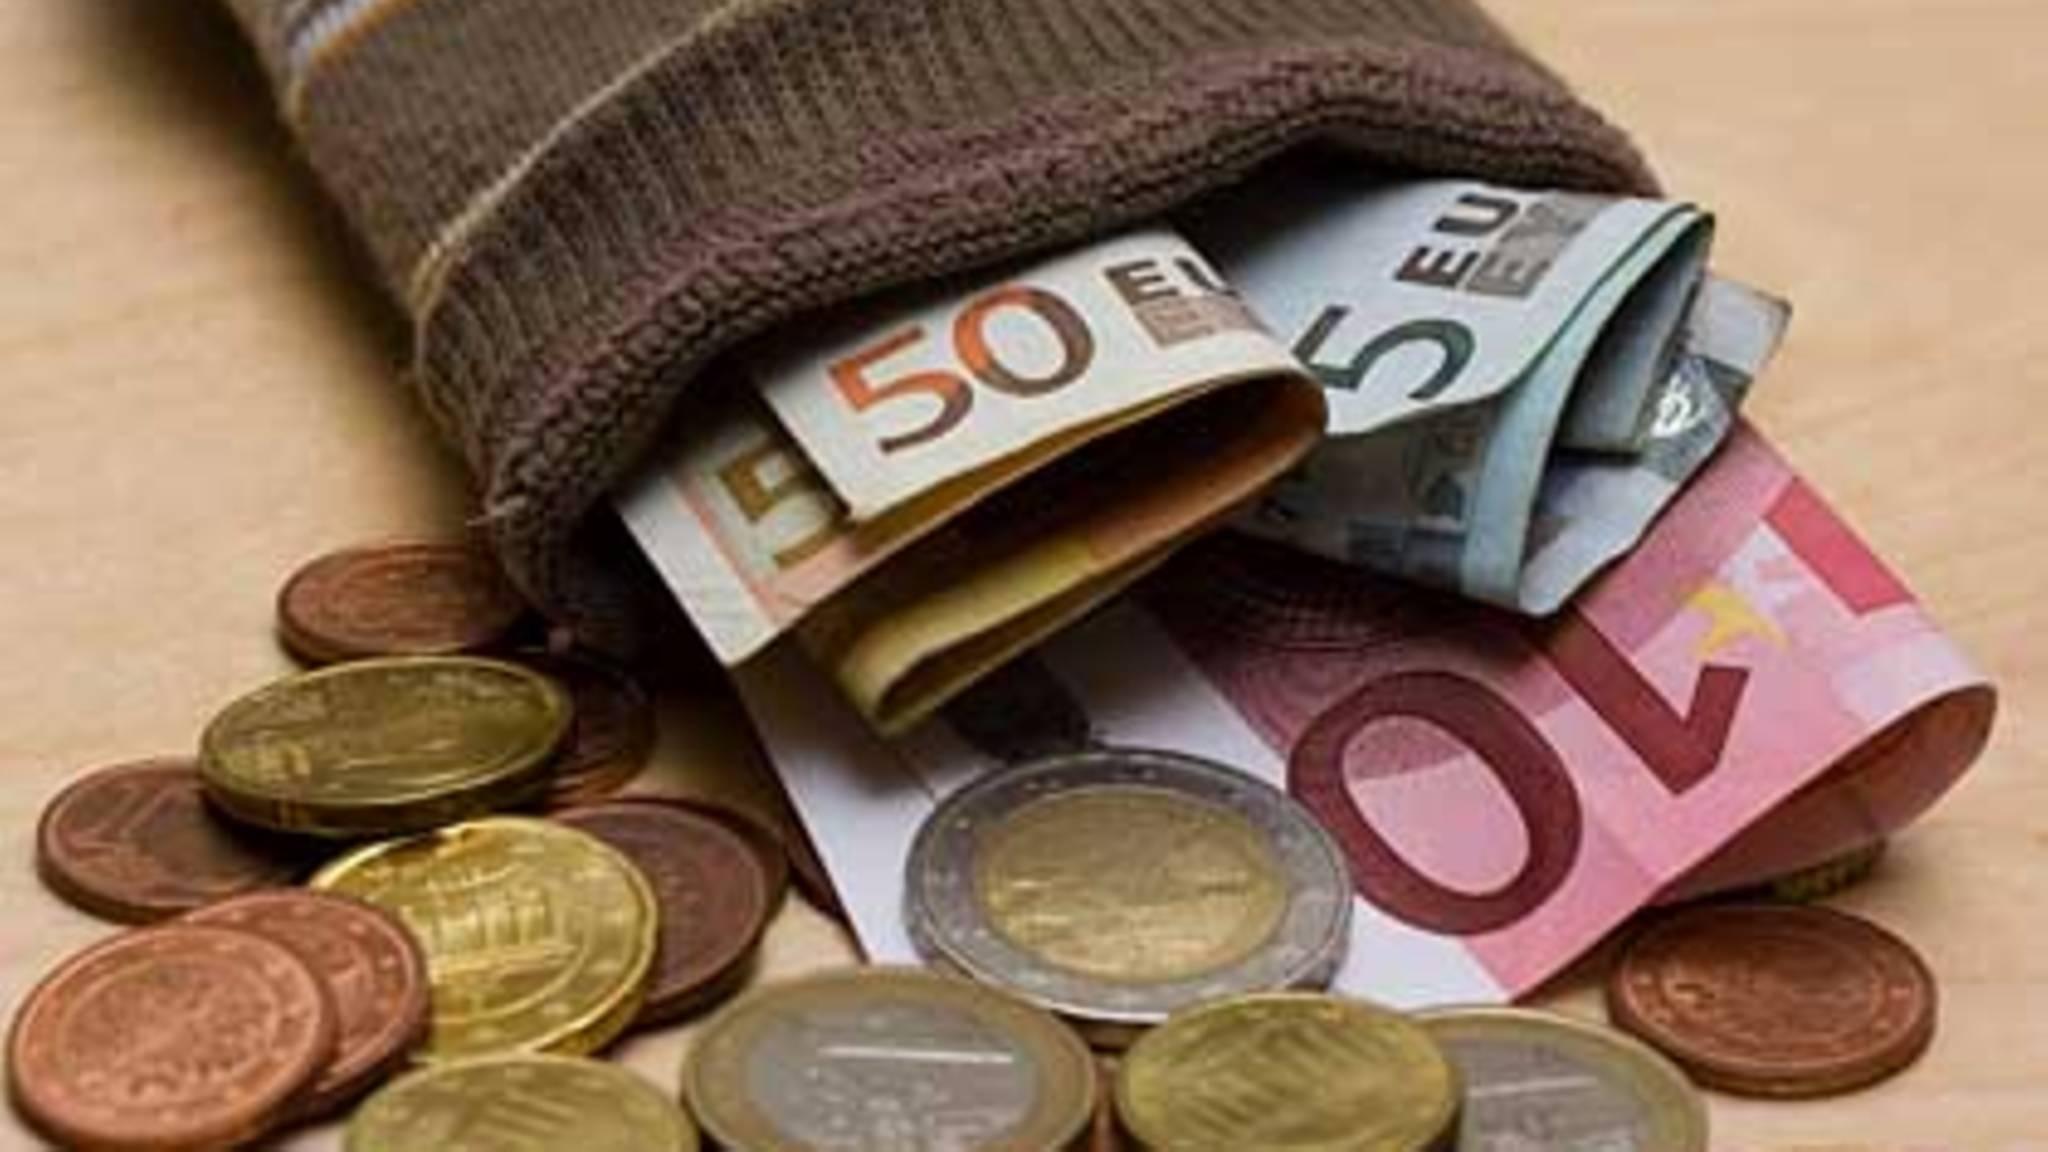 alg1 und wohngeld